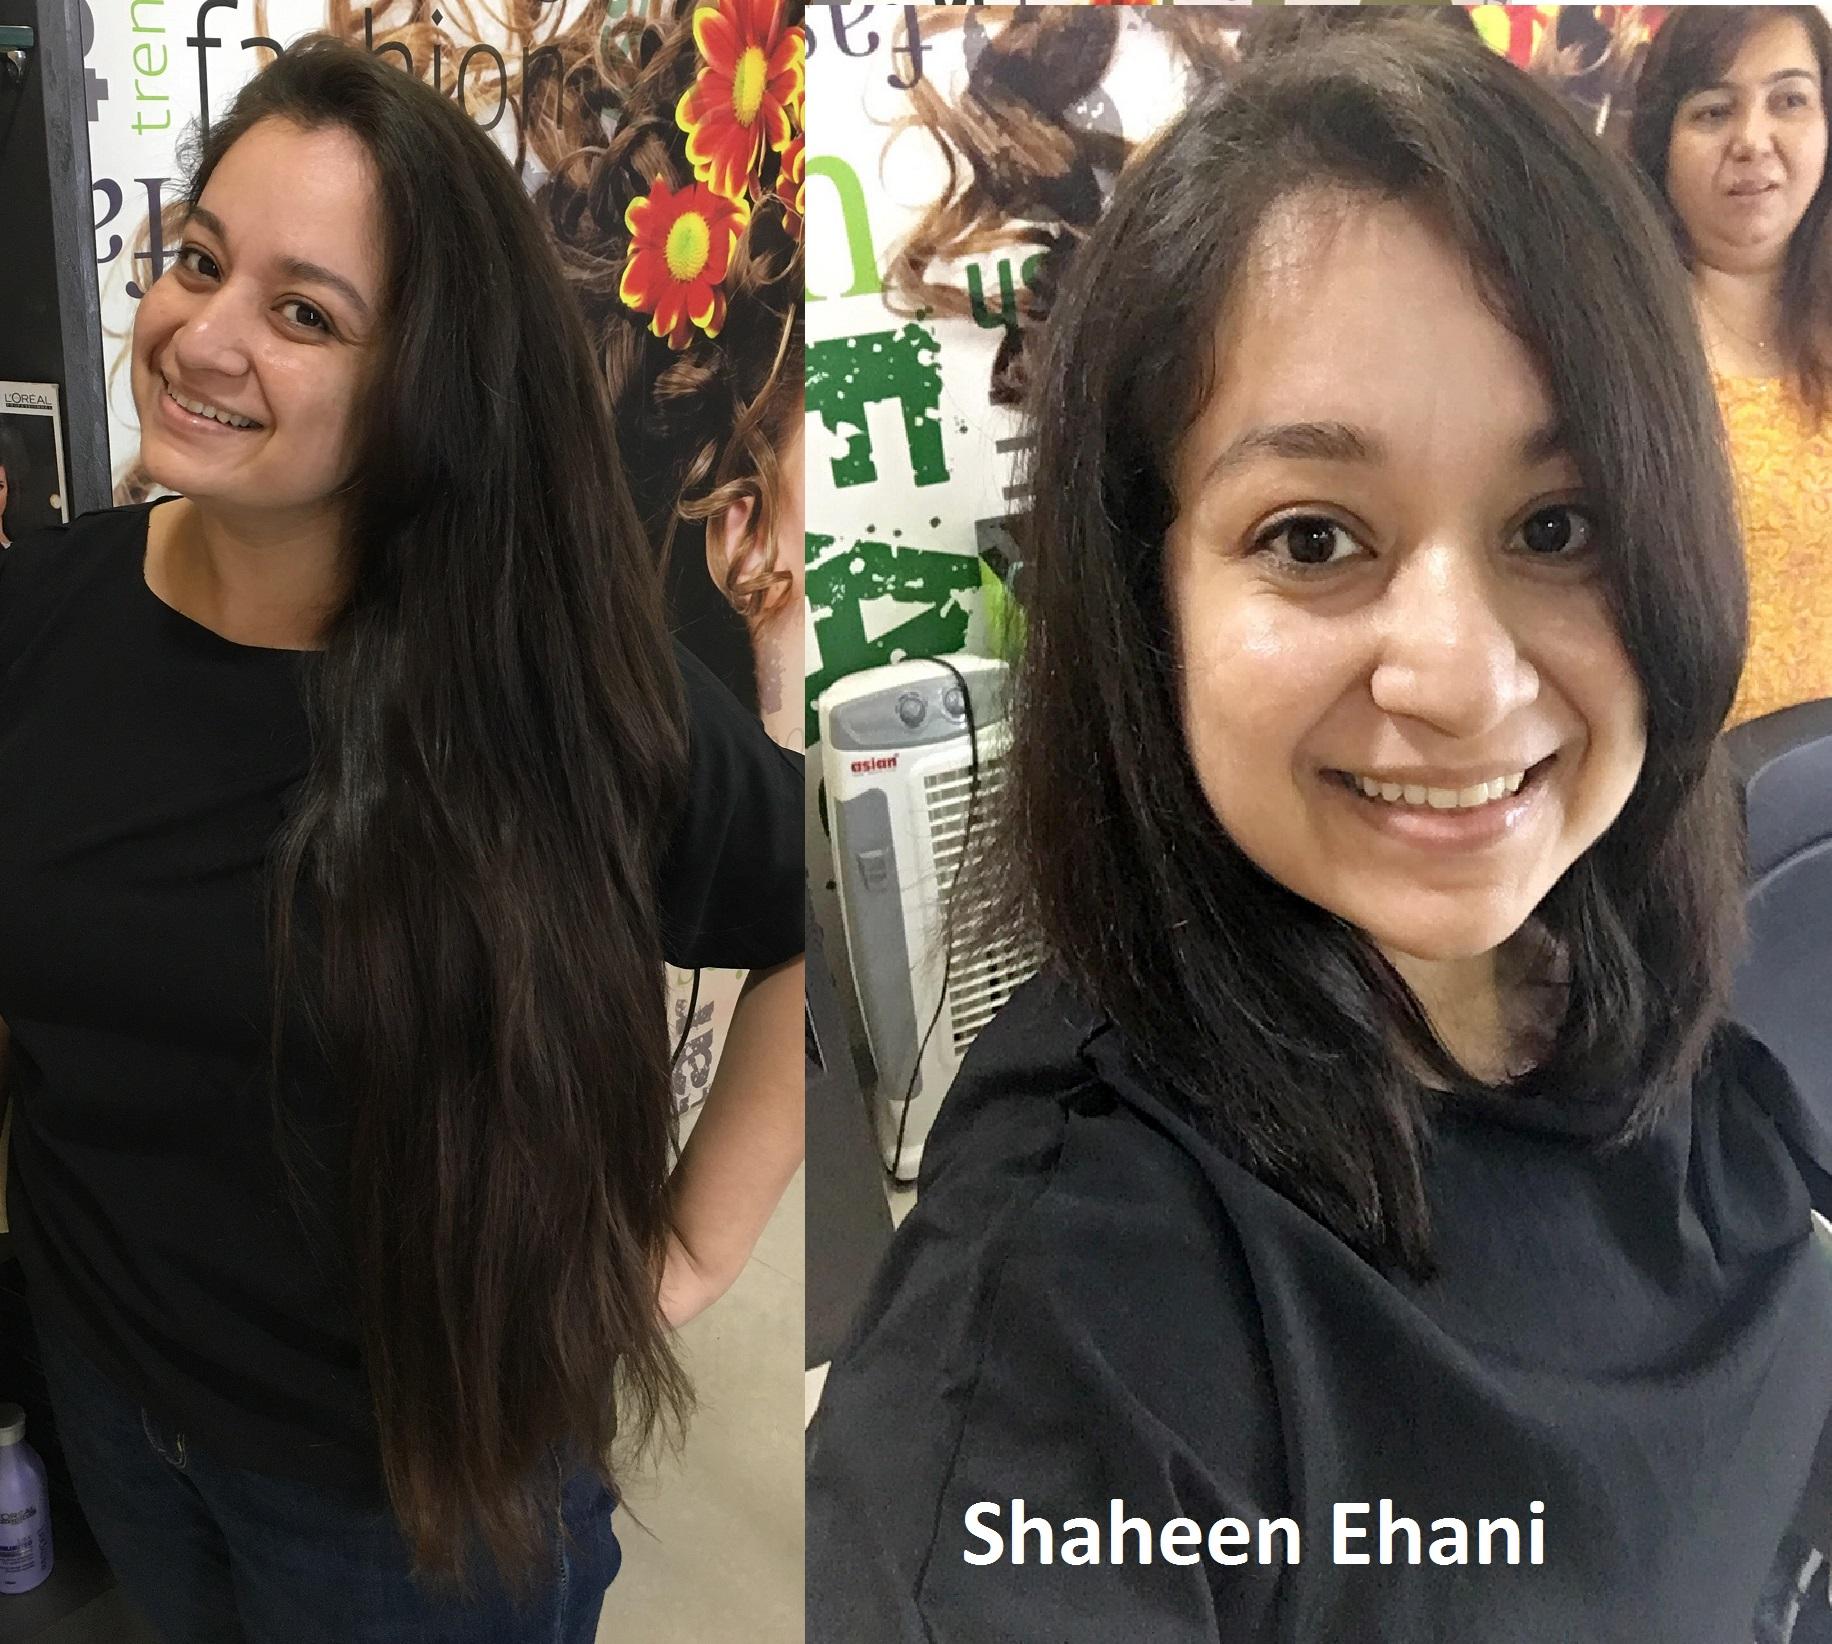 Shaheen Ehani